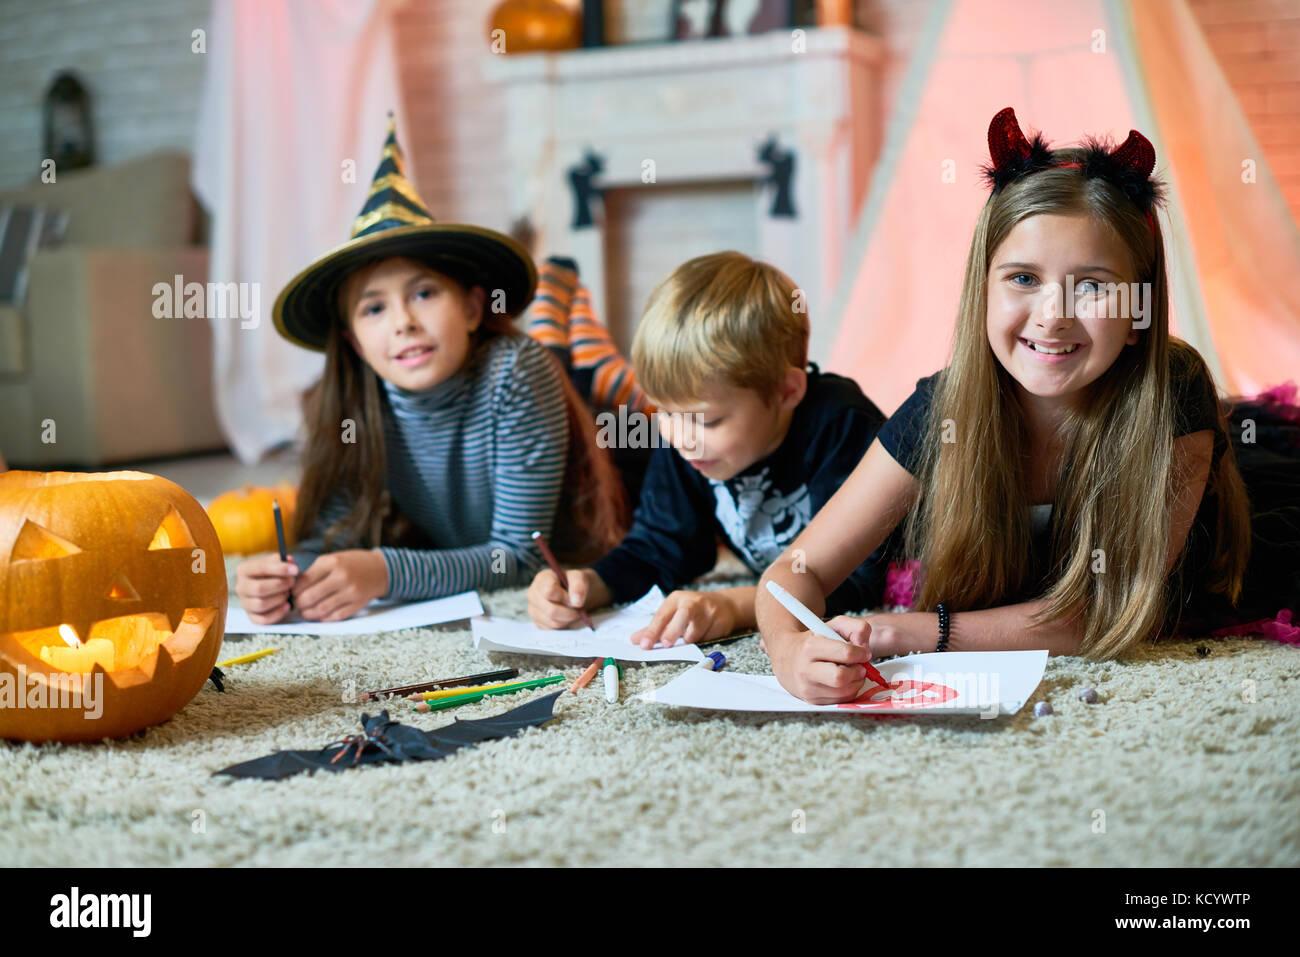 Group Portrait von fröhlichen Kinder tragen Halloween Kostüme zusammen im gemütlichen Wohnzimmer Stockbild